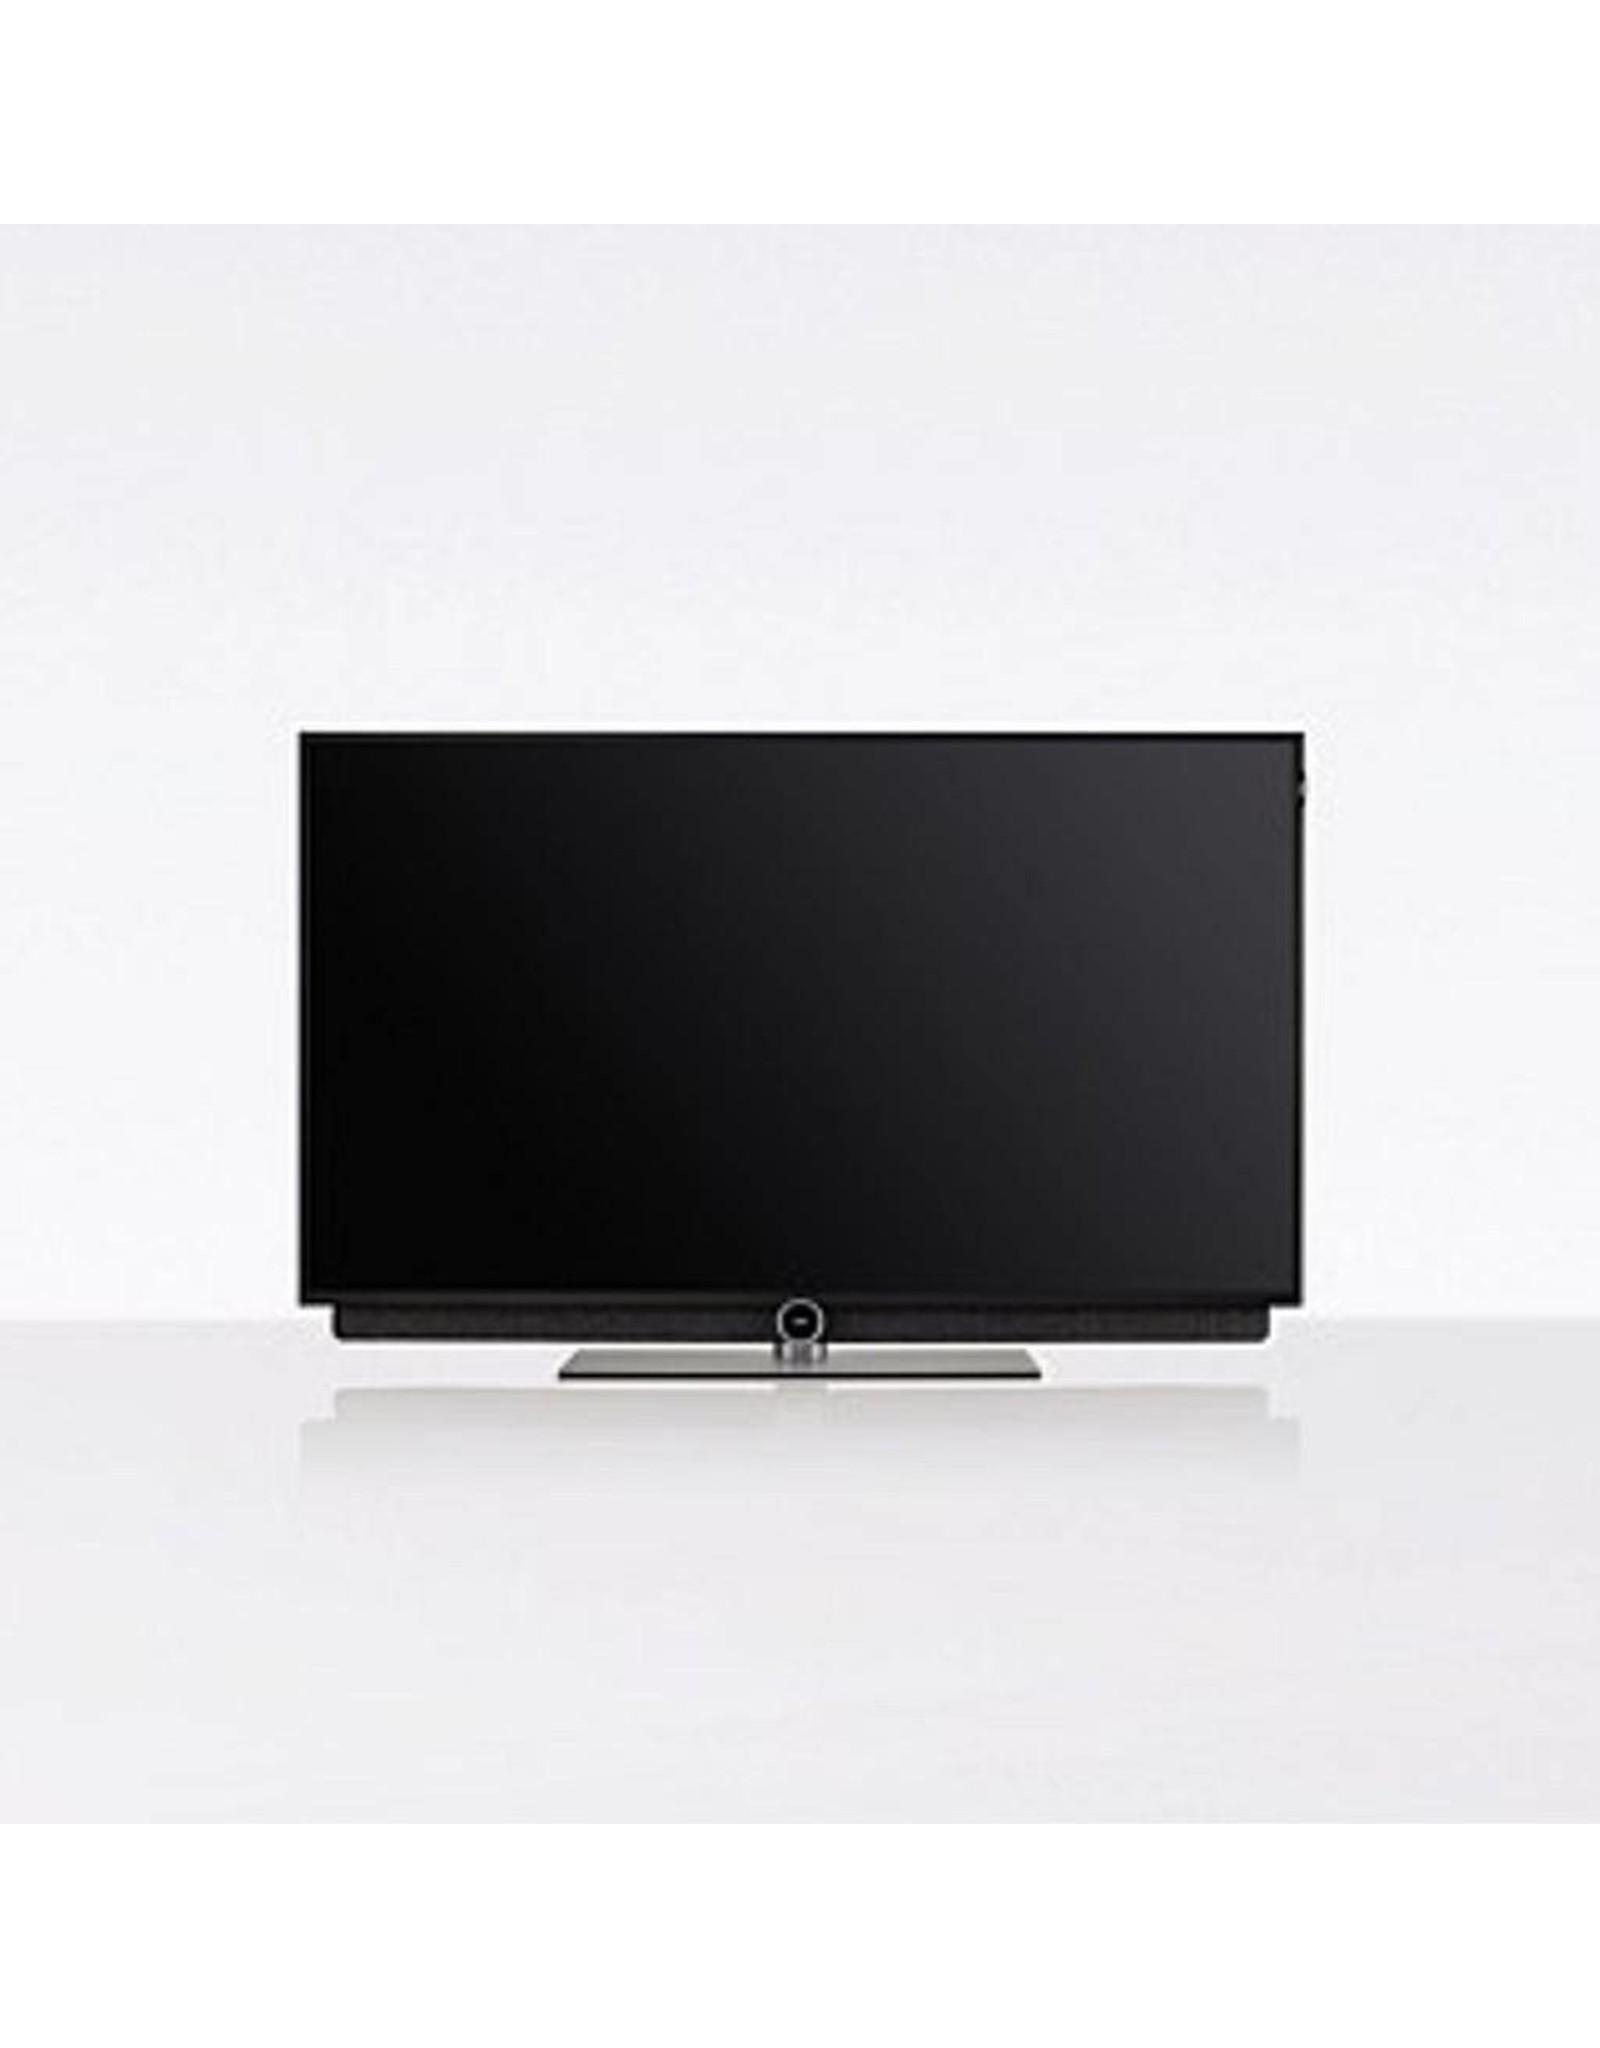 LOEWE LOEWE bild 3.43 UHD LED Television